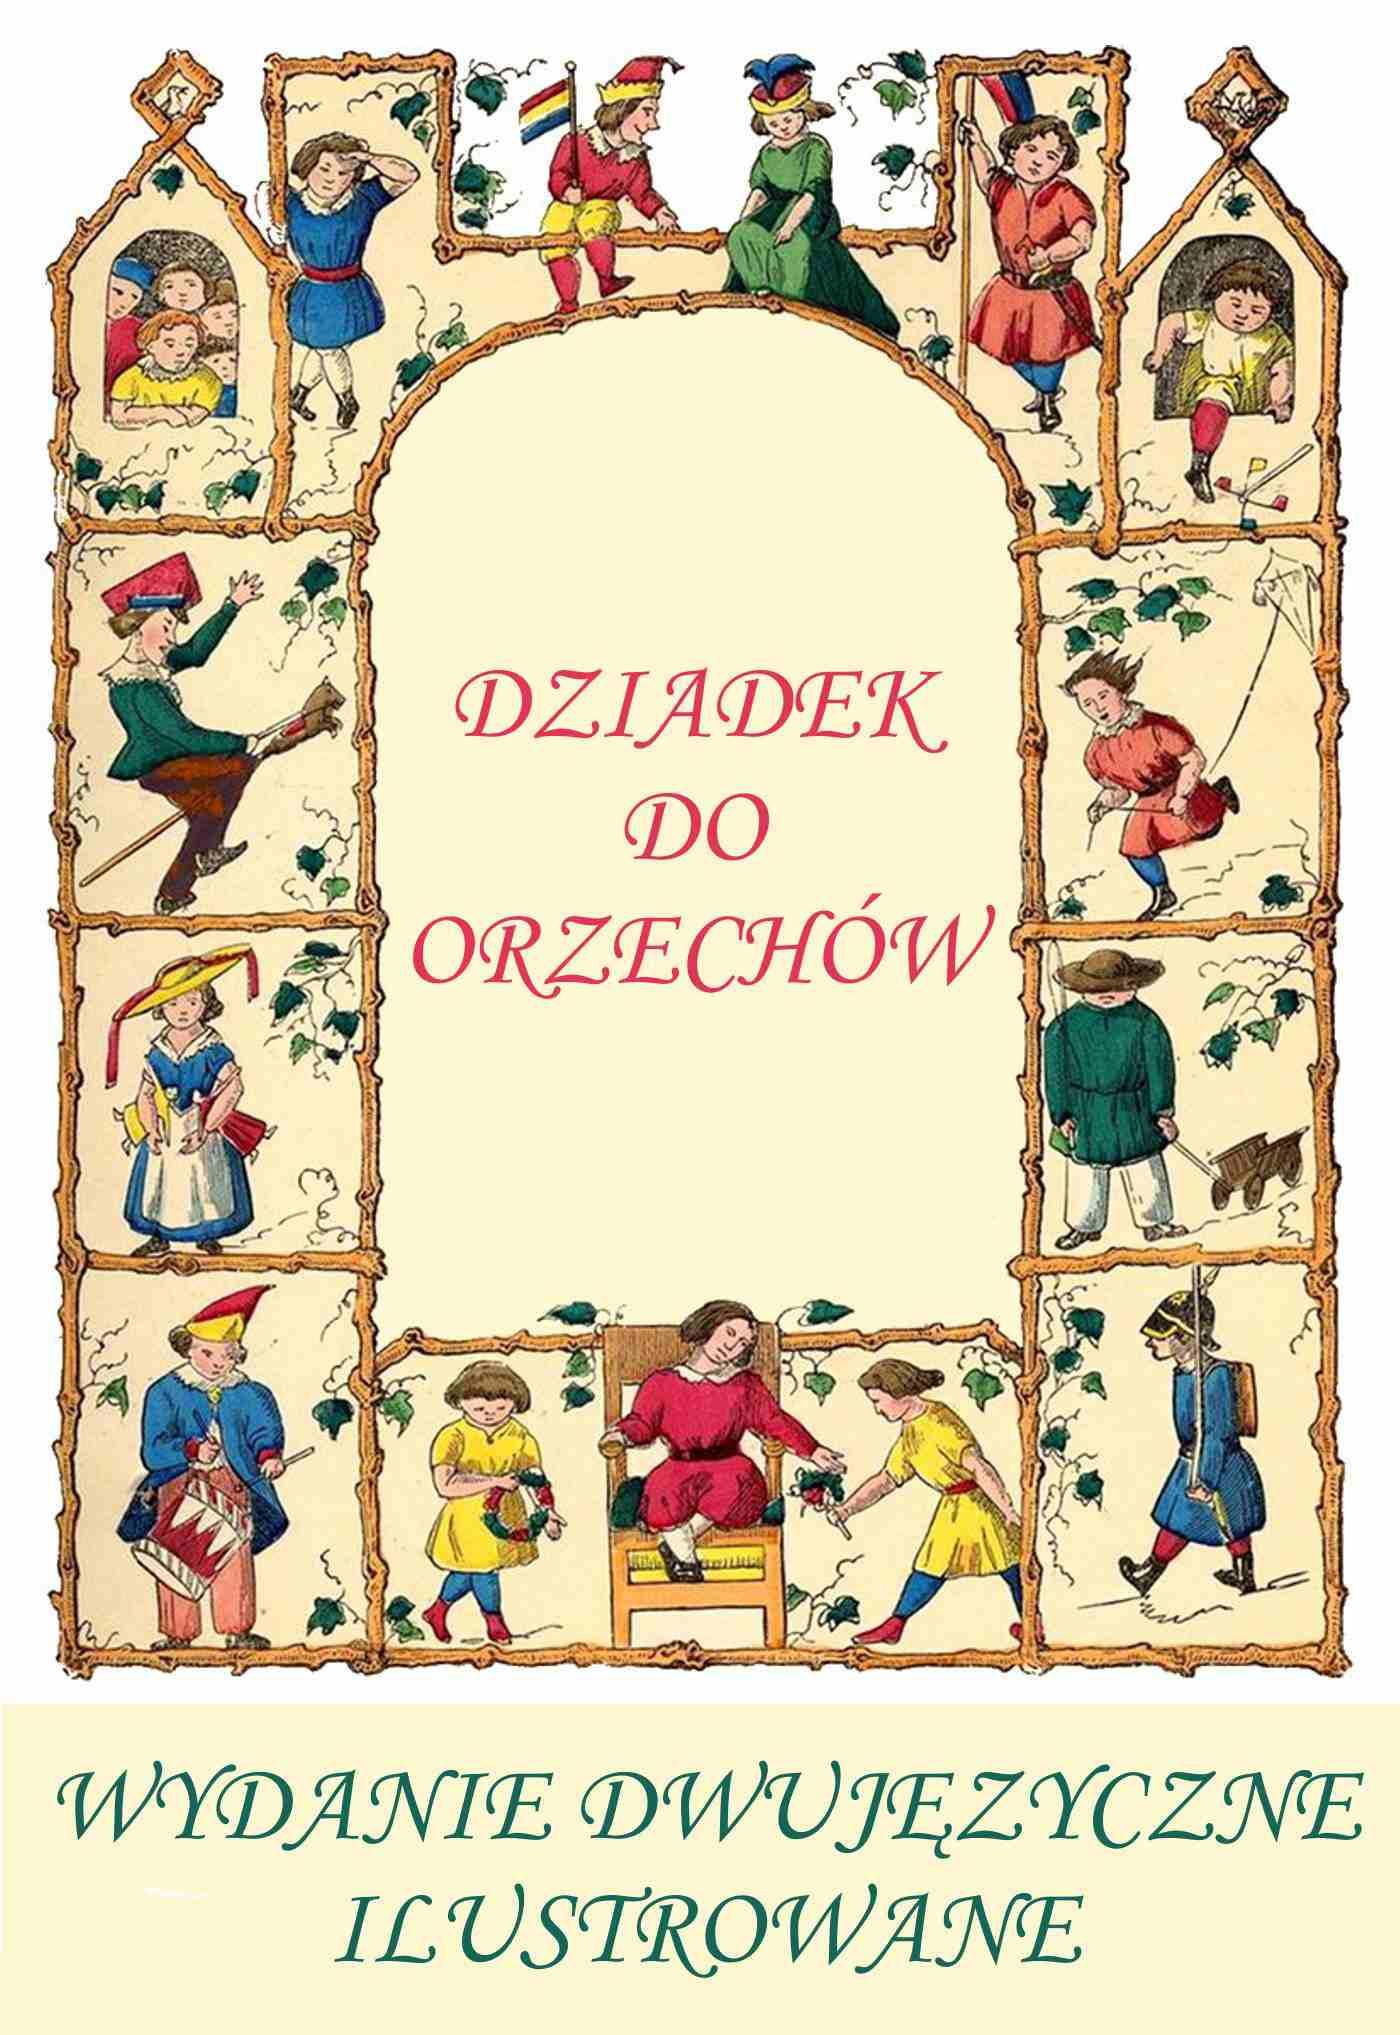 Niemiecki dla dzieci. Dziadek do orzechów. Wwydanie dwujęzyczne, ilustrowane - Ebook (Książka PDF) do pobrania w formacie PDF